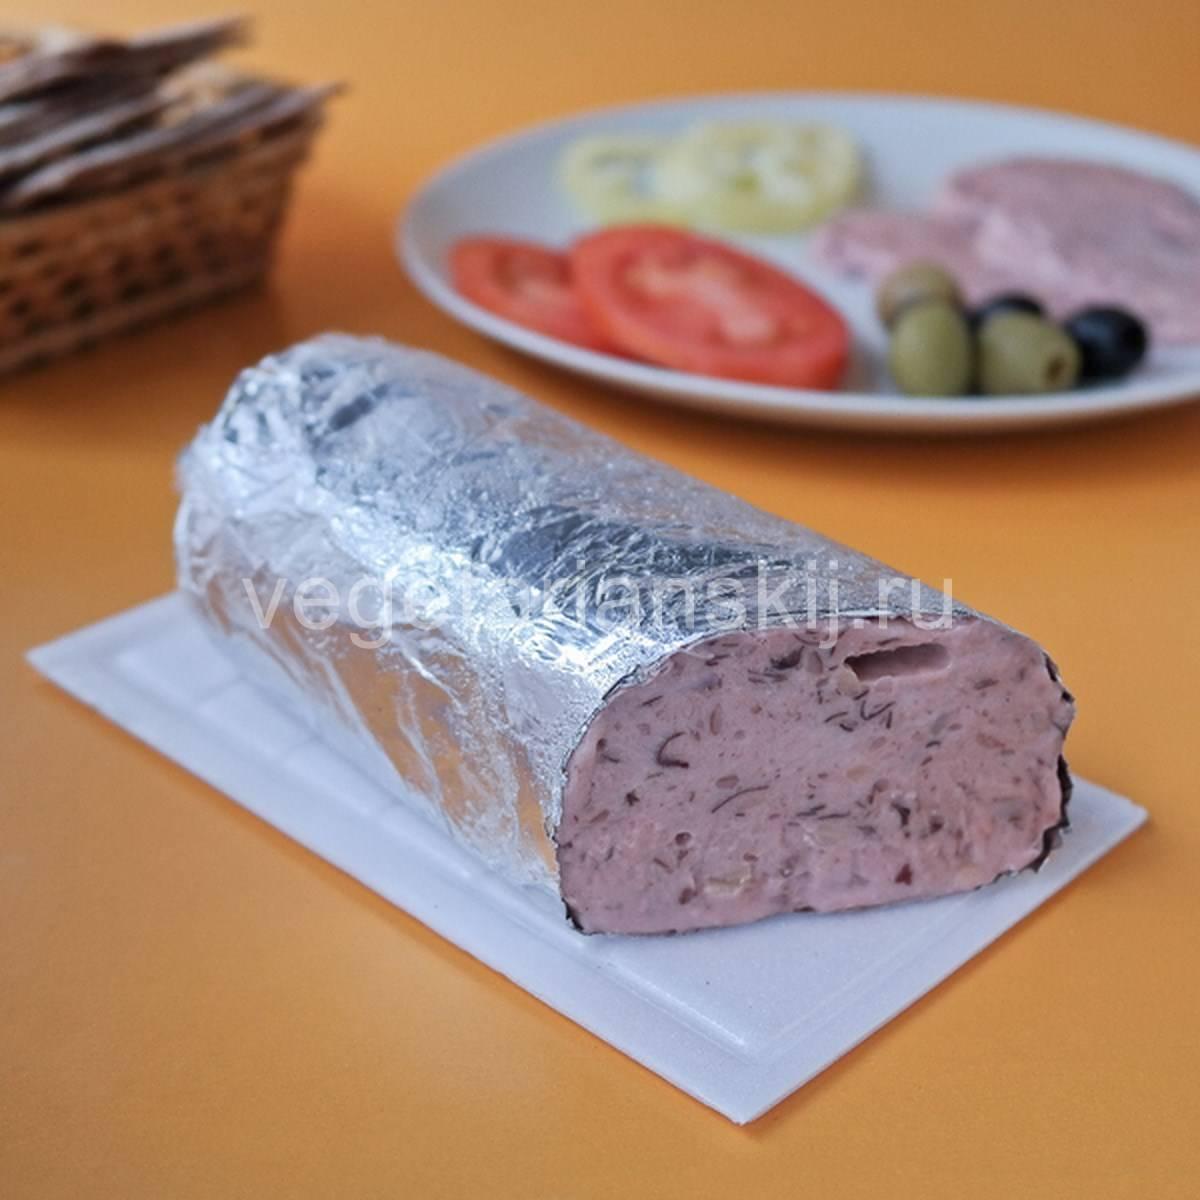 Как приготовить колбасу в домашних условиях